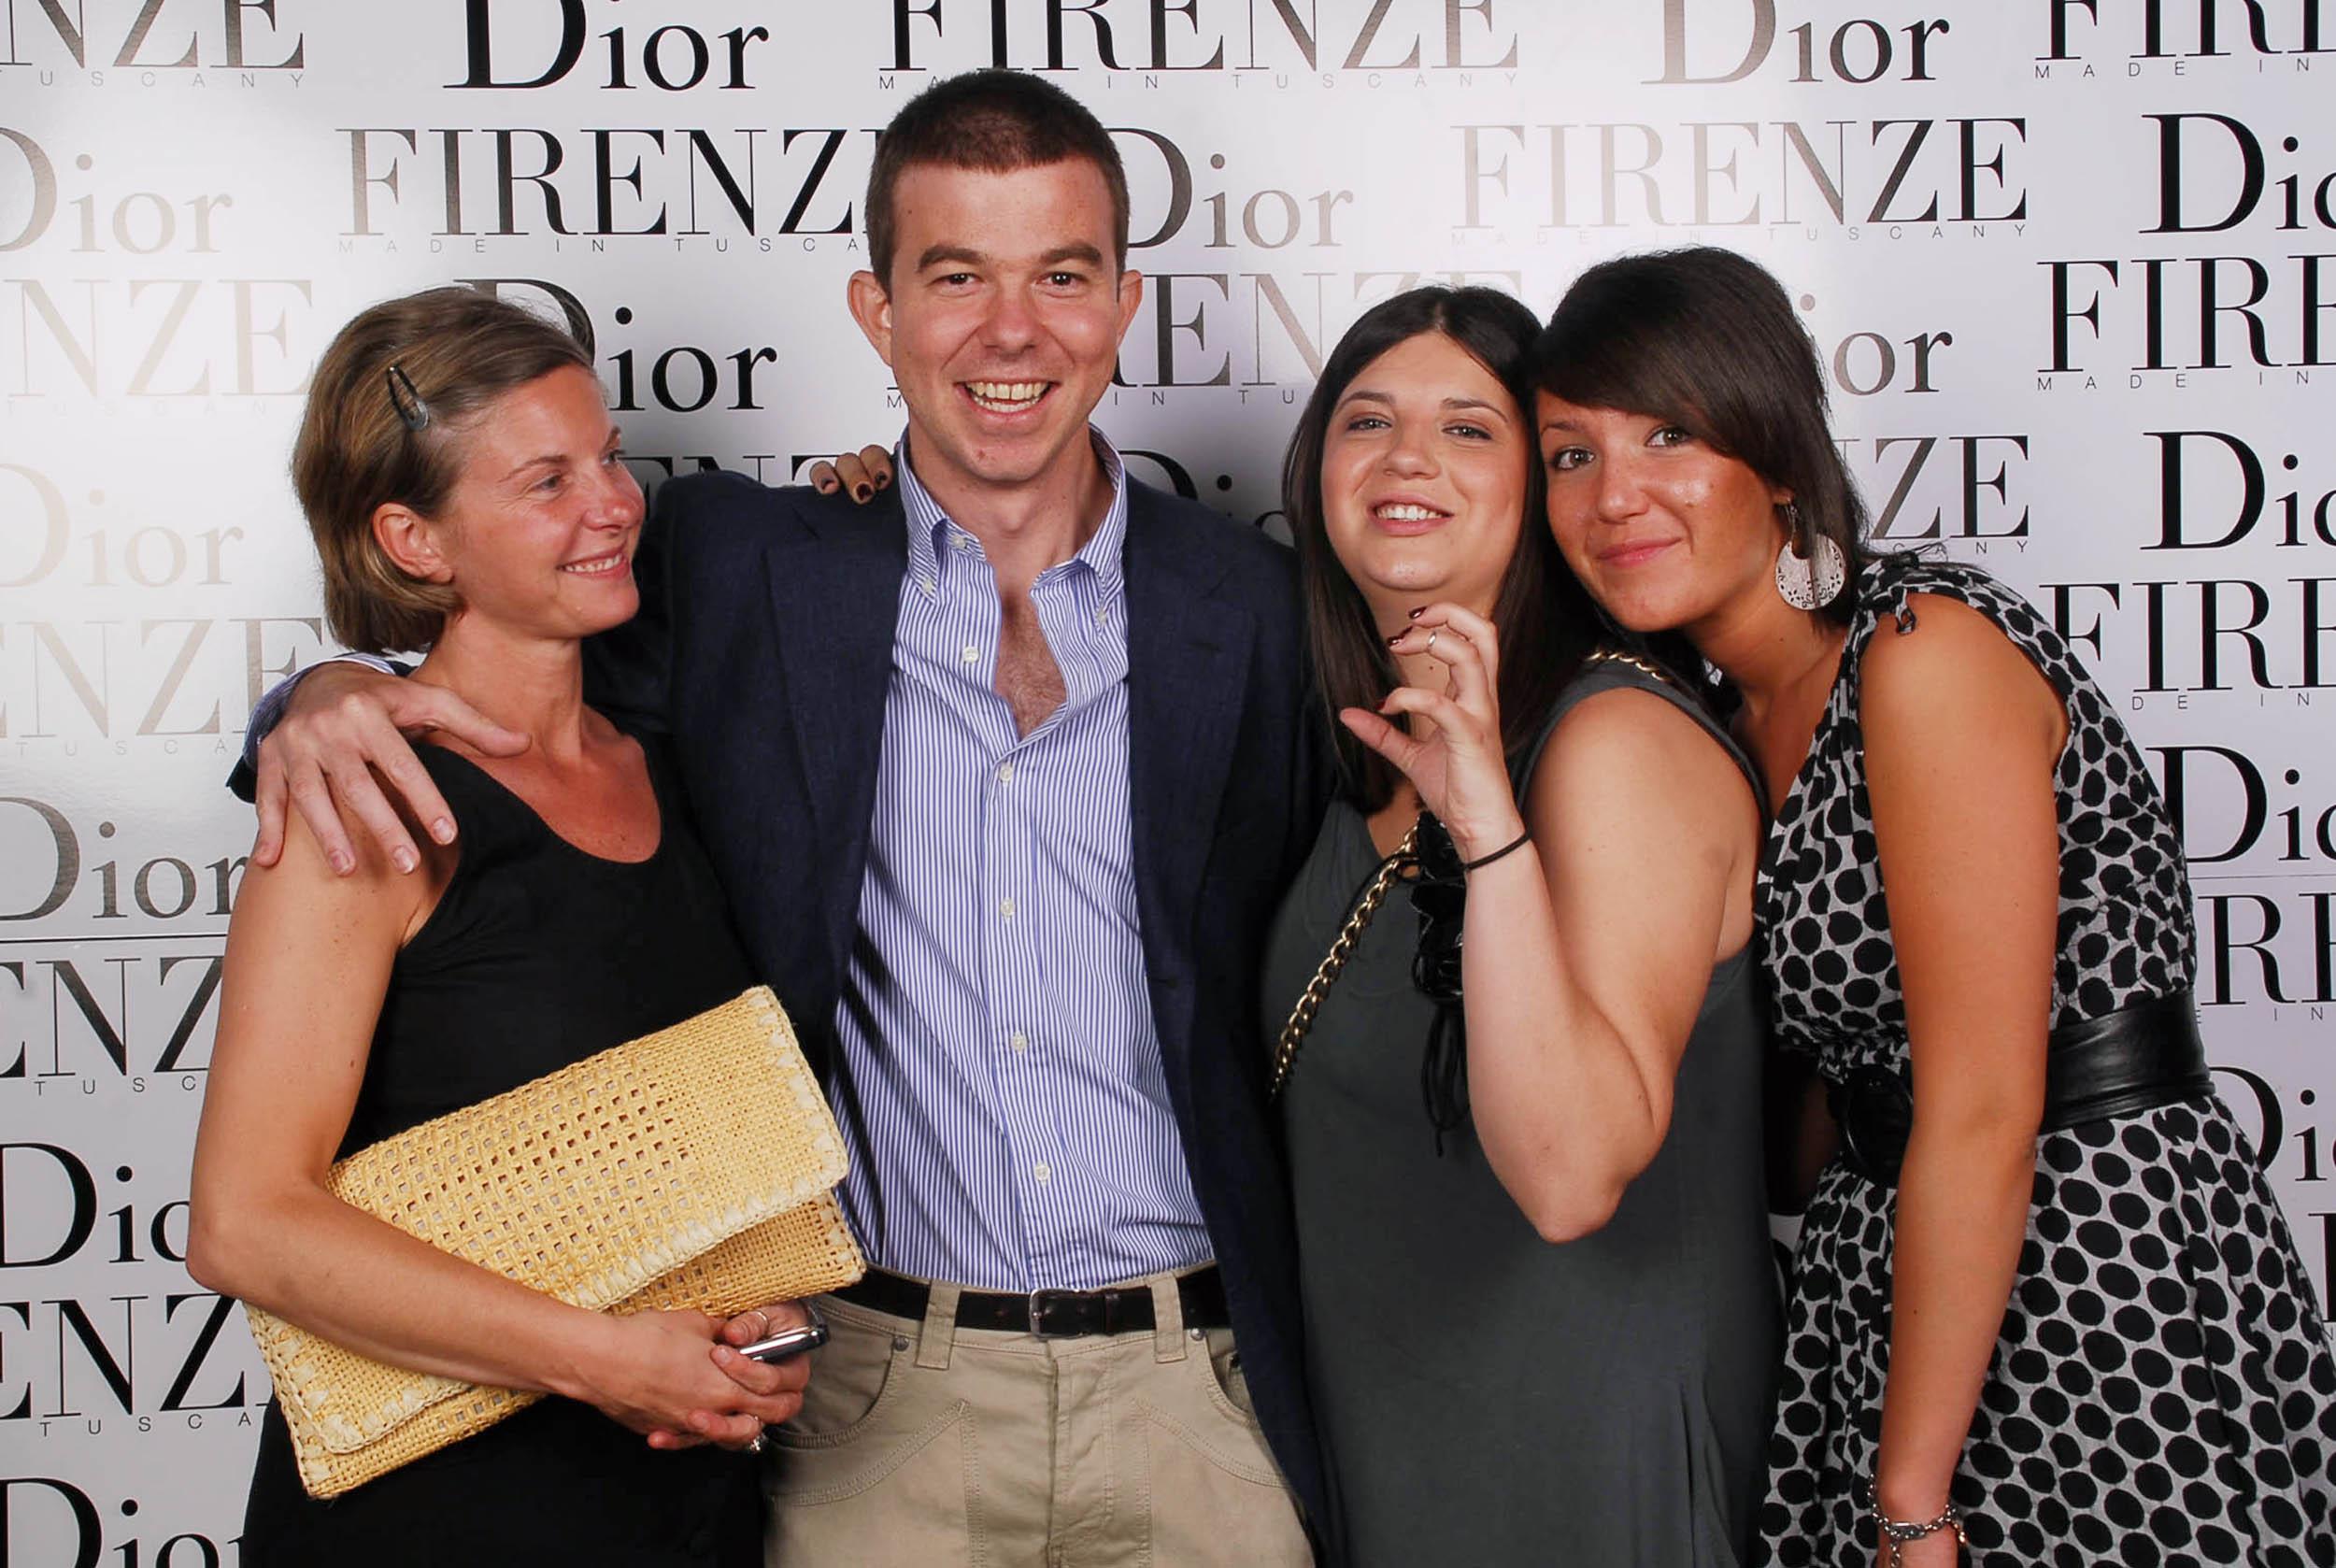 PRESSPHOTO  Firenze, evento Dior al teatro romano di Fiesole.